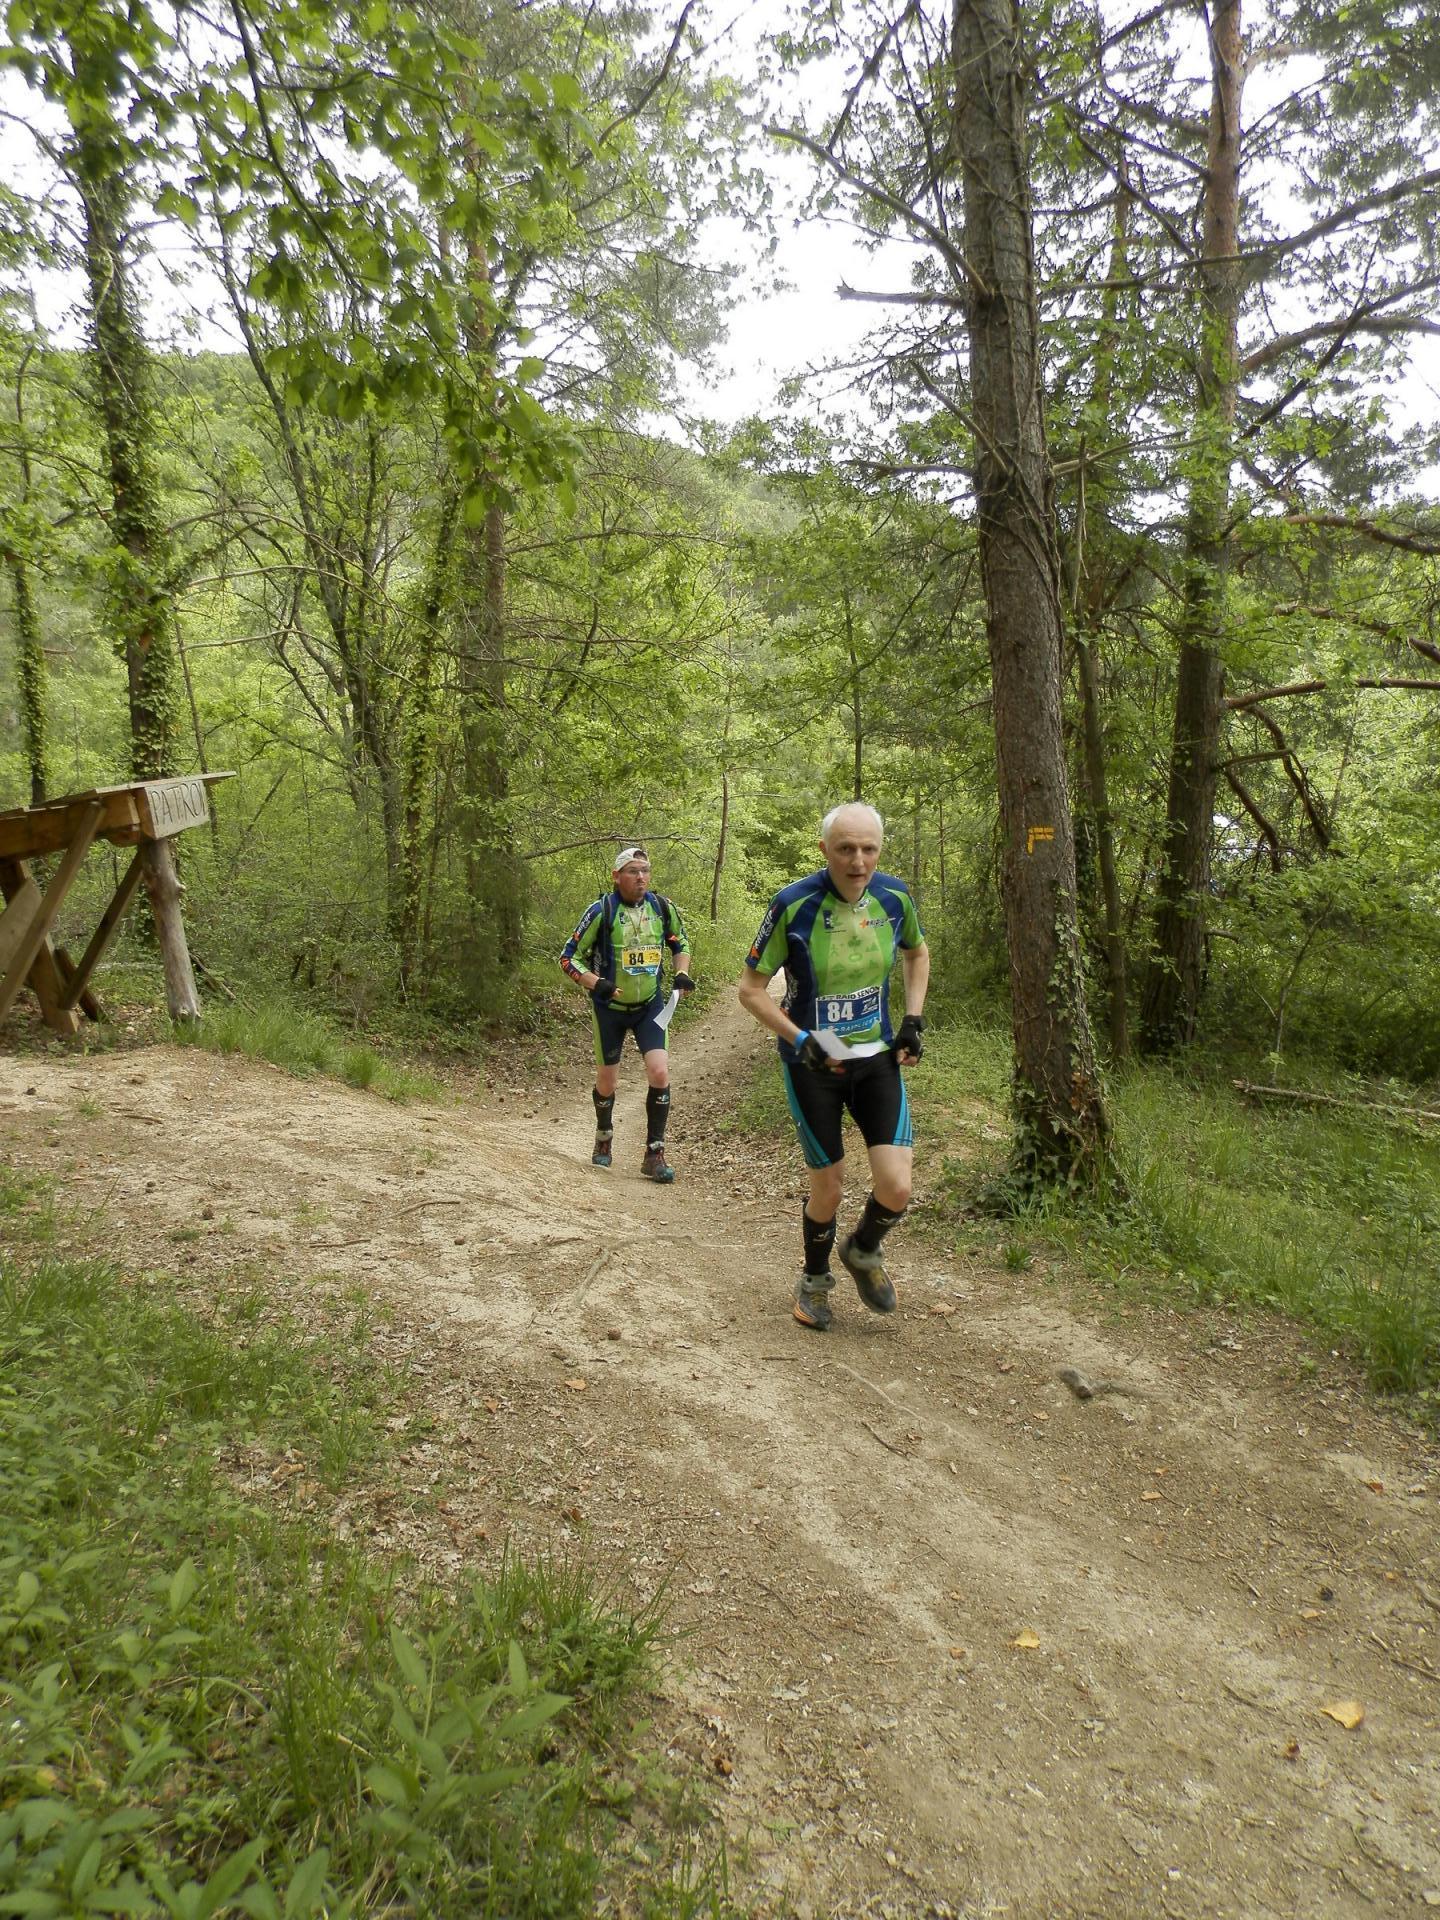 Jean-Marie et Thomas à la peine dans le trail